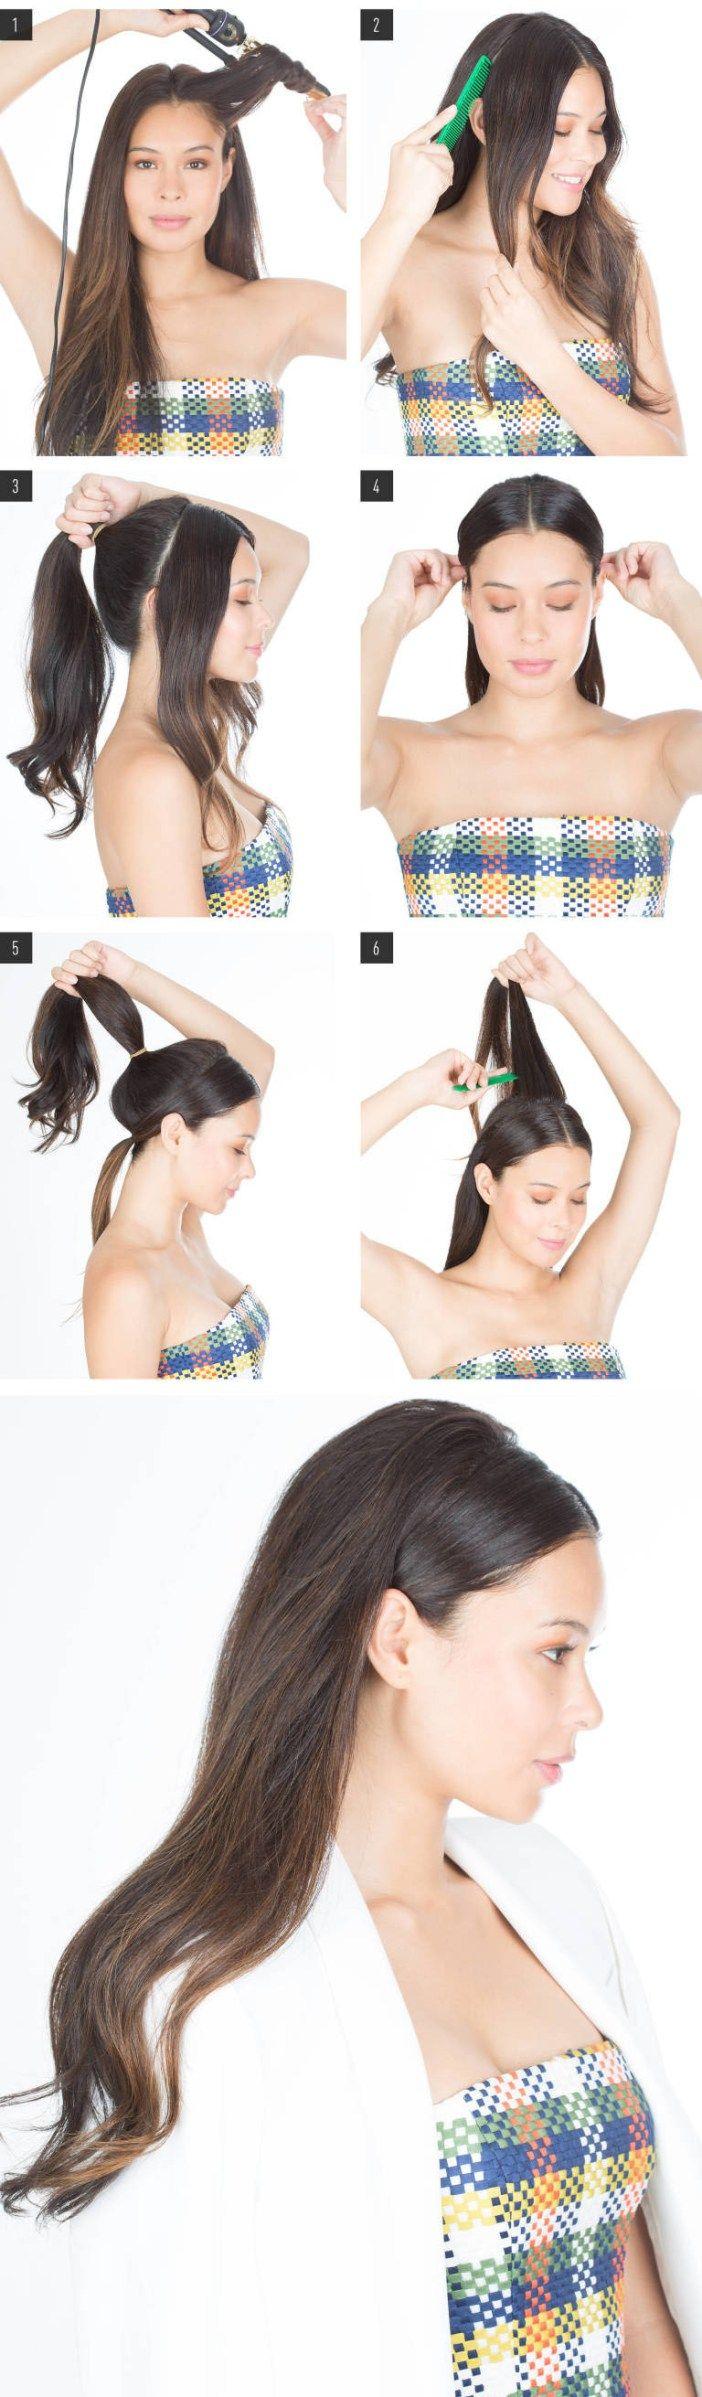 Bonjour ! On aime changer de coiffure comme ça nous chante ! On s'inspire et on copie ces 7 coiffures glamour en toutes circonstances ! 1/ La coi…